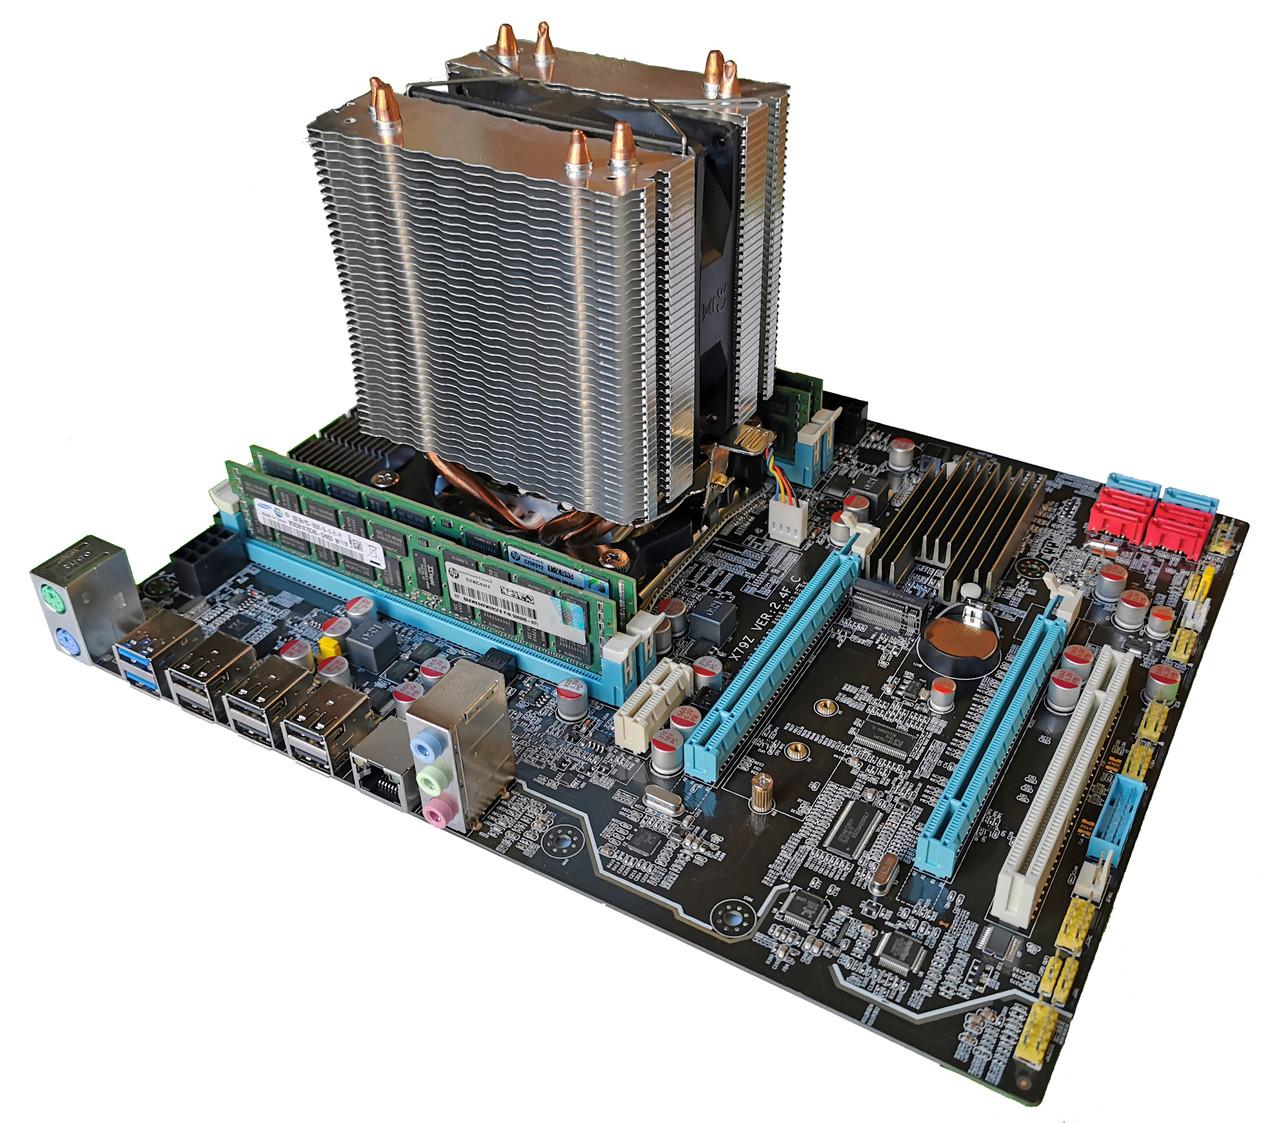 Комплект X79Z-2.4F + Xeon E5-2667 + 8 GB RAM + Кулер, LGA 2011